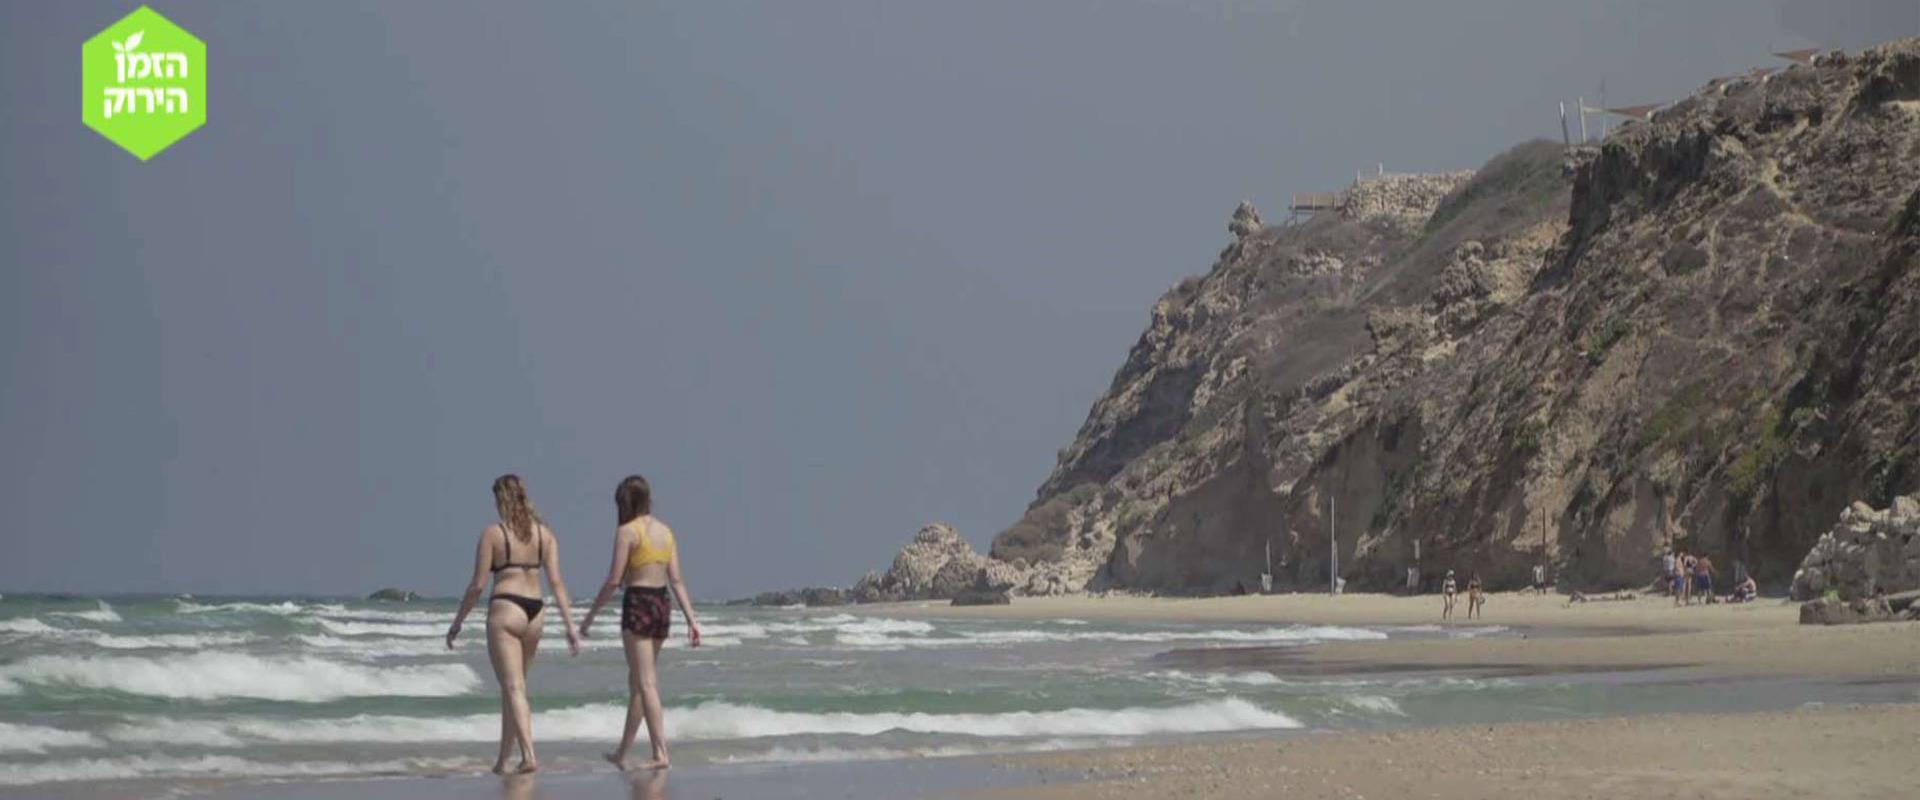 הסכנה בחופים – שלא חשבנו עליה: המצוקים מתפוררים